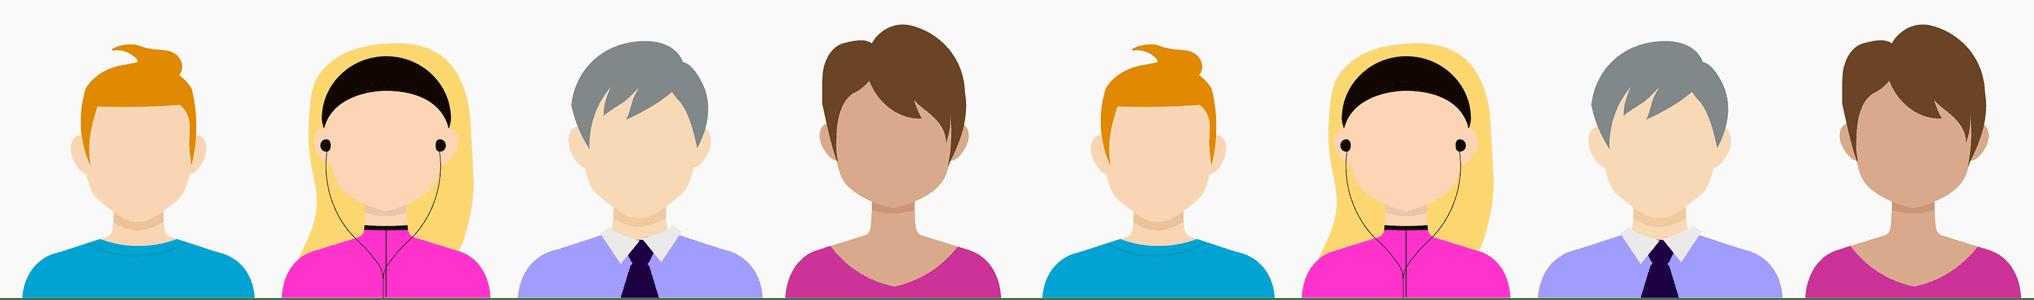 website customers